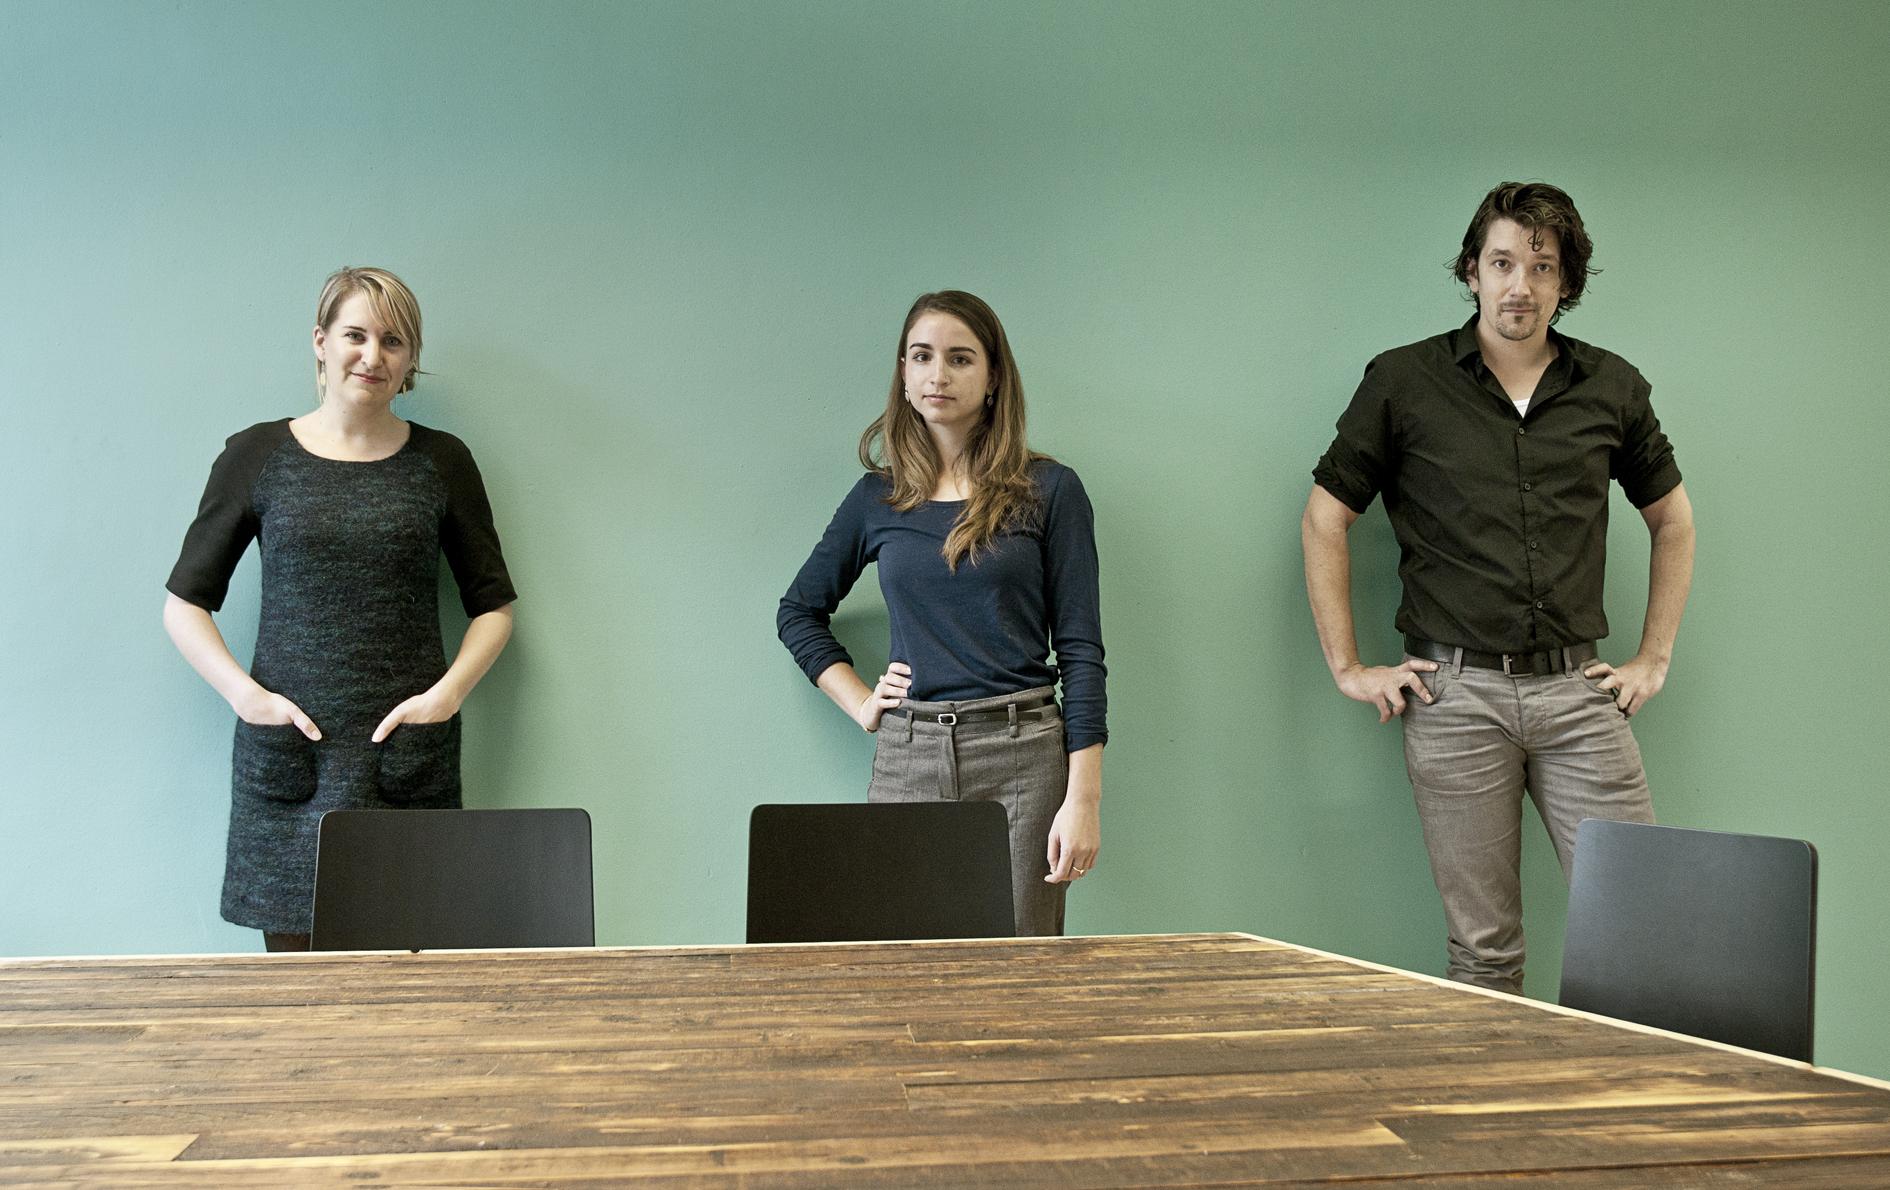 Van links naar rechts: Marianne van de Velde, Tabitha Mann en Yoeri Meessen.